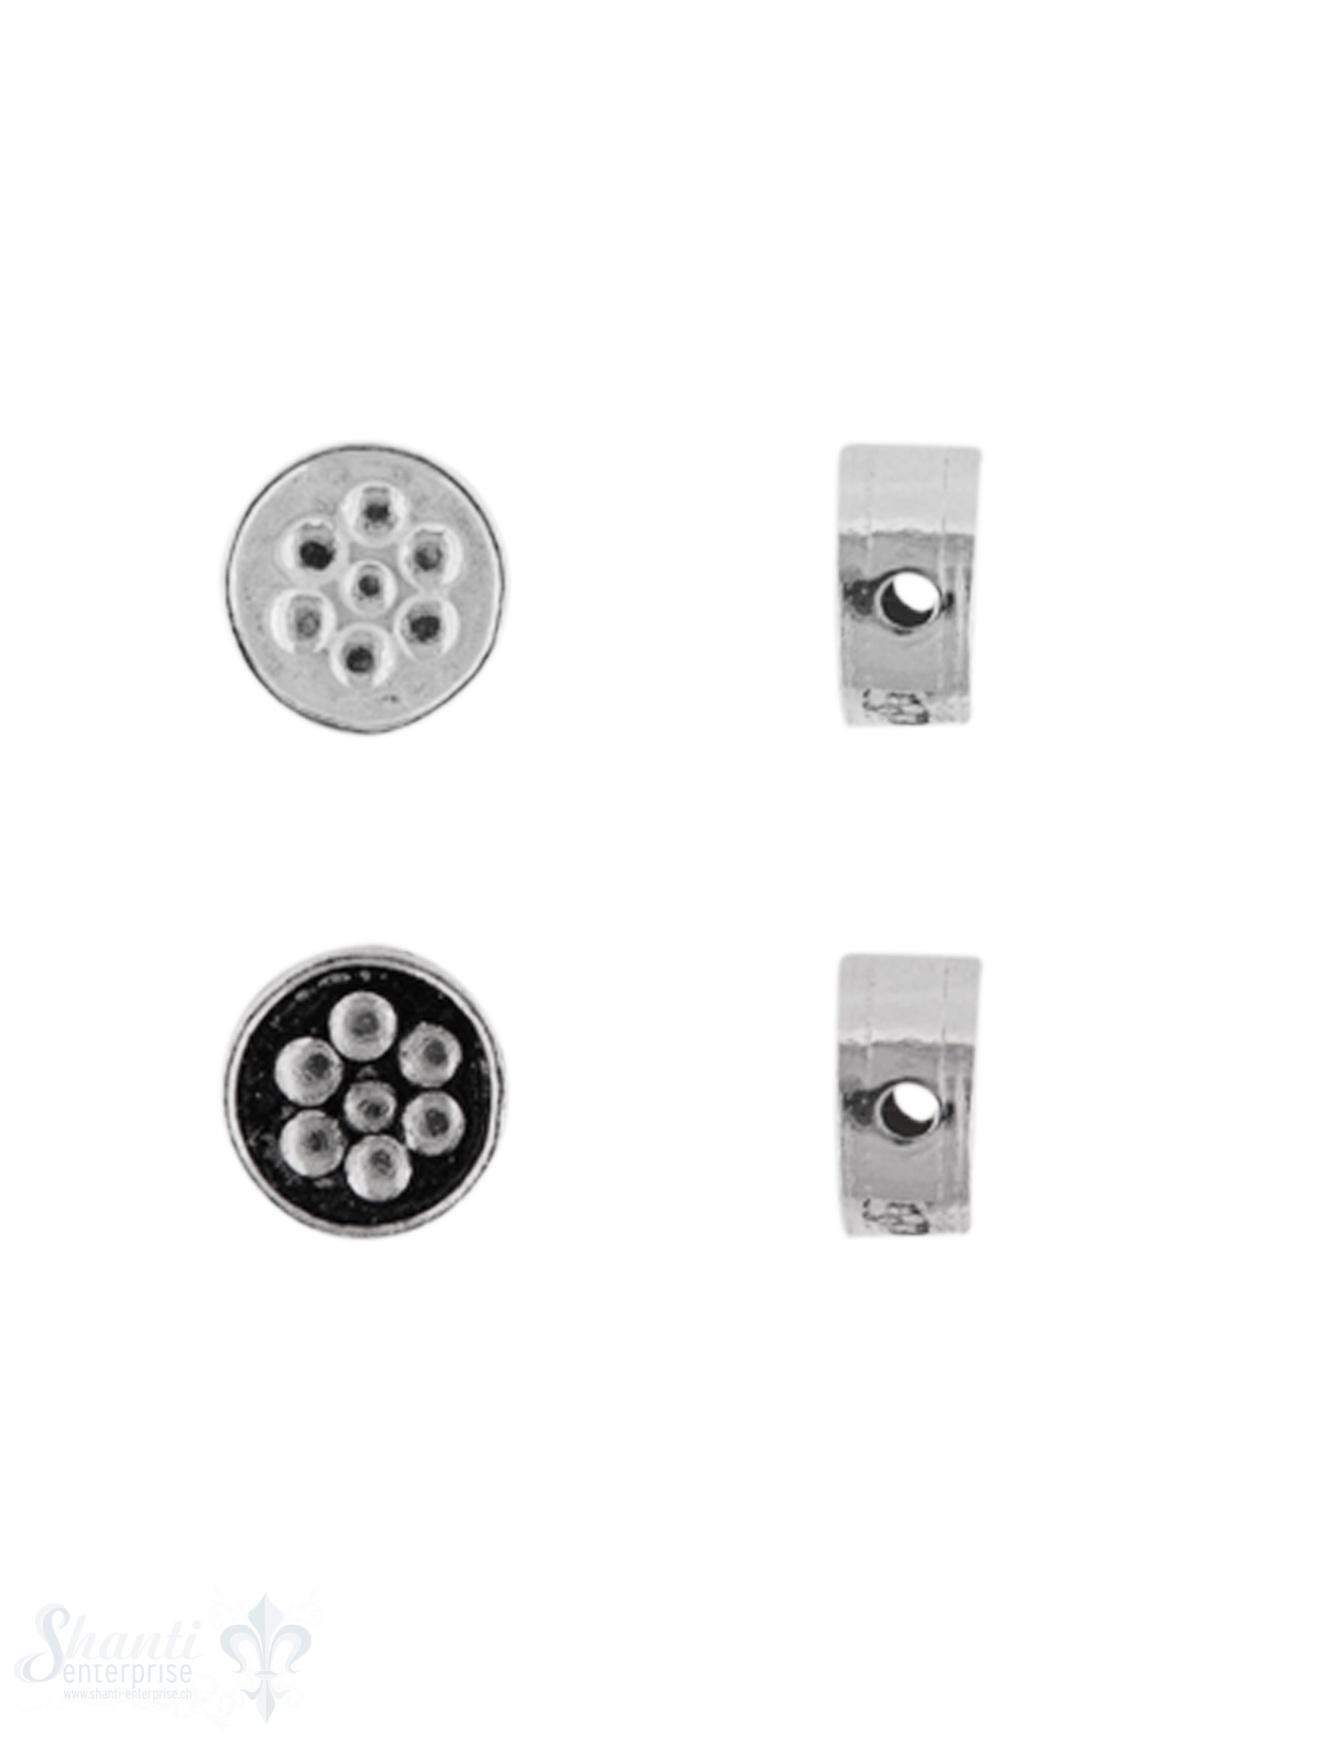 Zwischenteil Silber Rondelle mit Blume 8 mm Dicke 4 mm Loch 1.3 mm  Pack = 3 Stk.